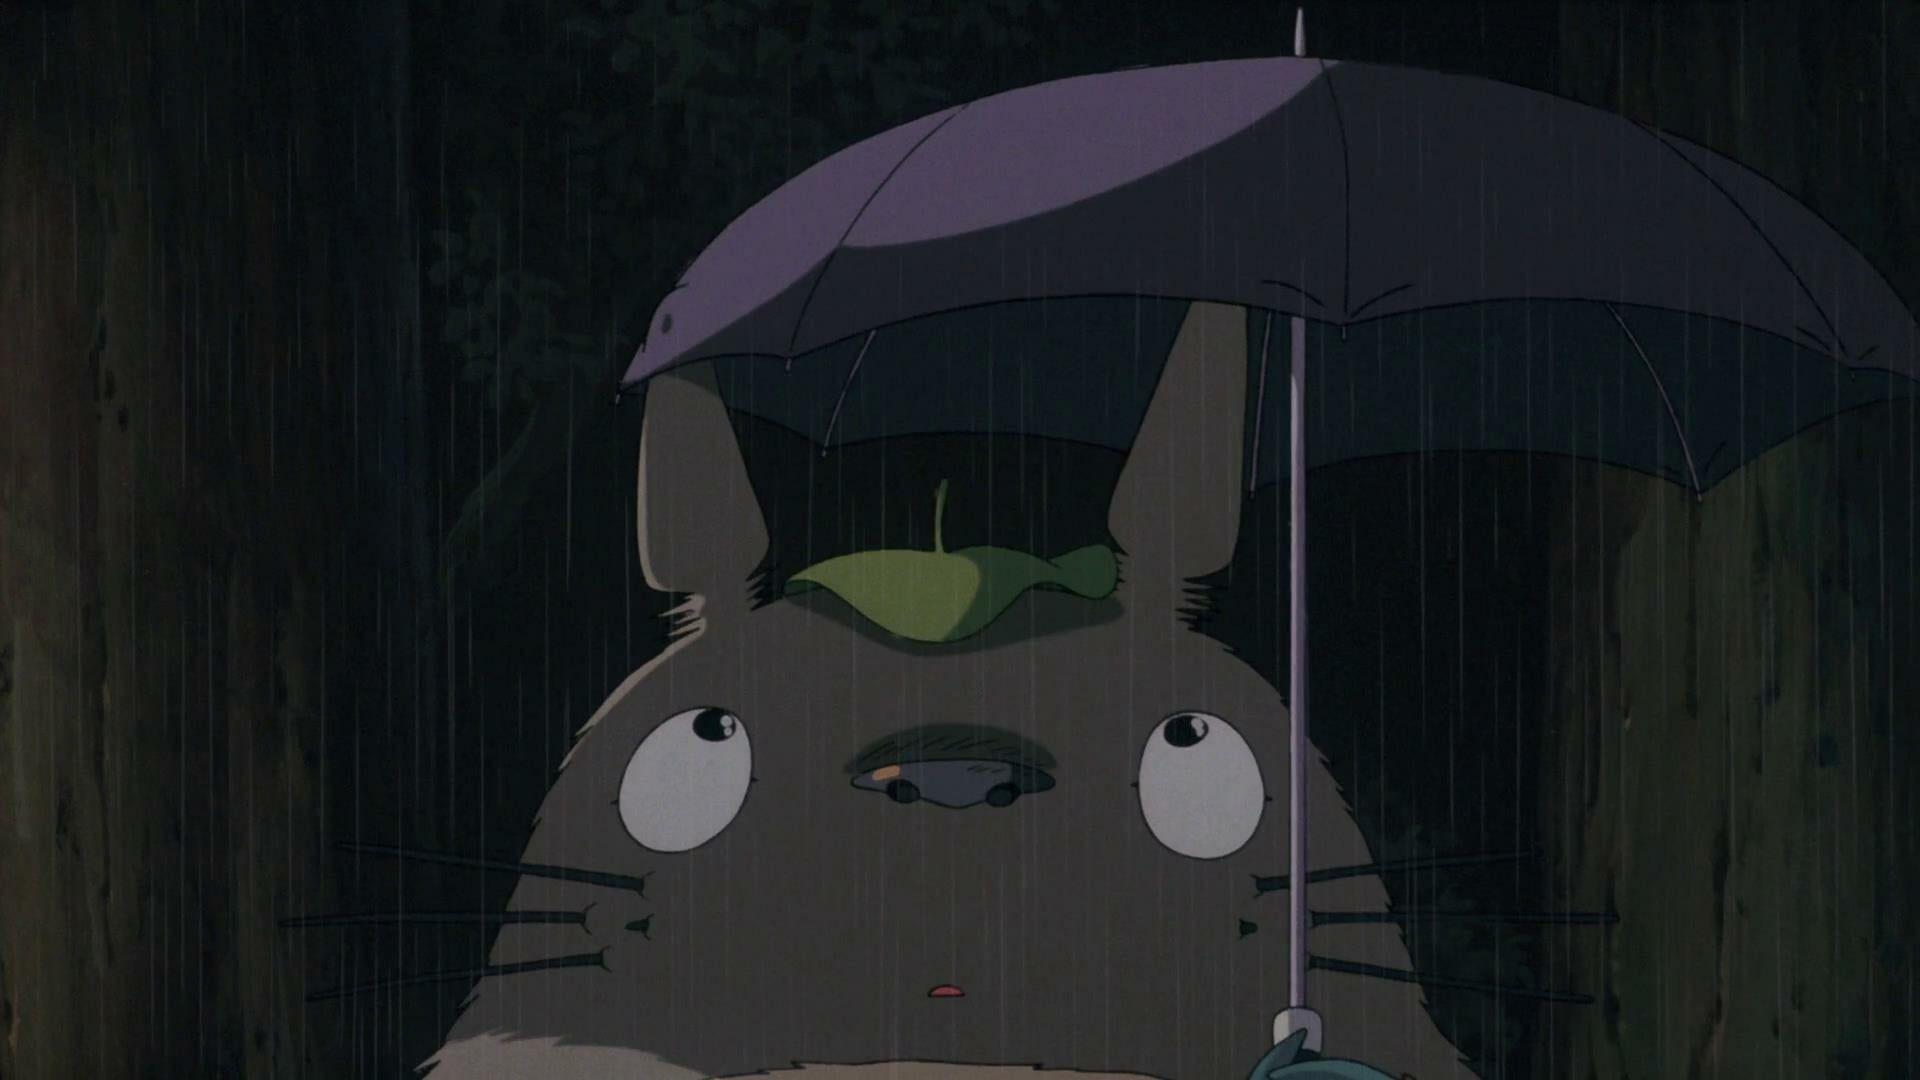 Mein Nachbar Totoro 1988 Ganzer Film Deutsch Komplett Kino Mein Nachbar Totoro 1988complete Film Deutsch Mein Nachba My Neighbor Totoro Totoro Ghibli Art